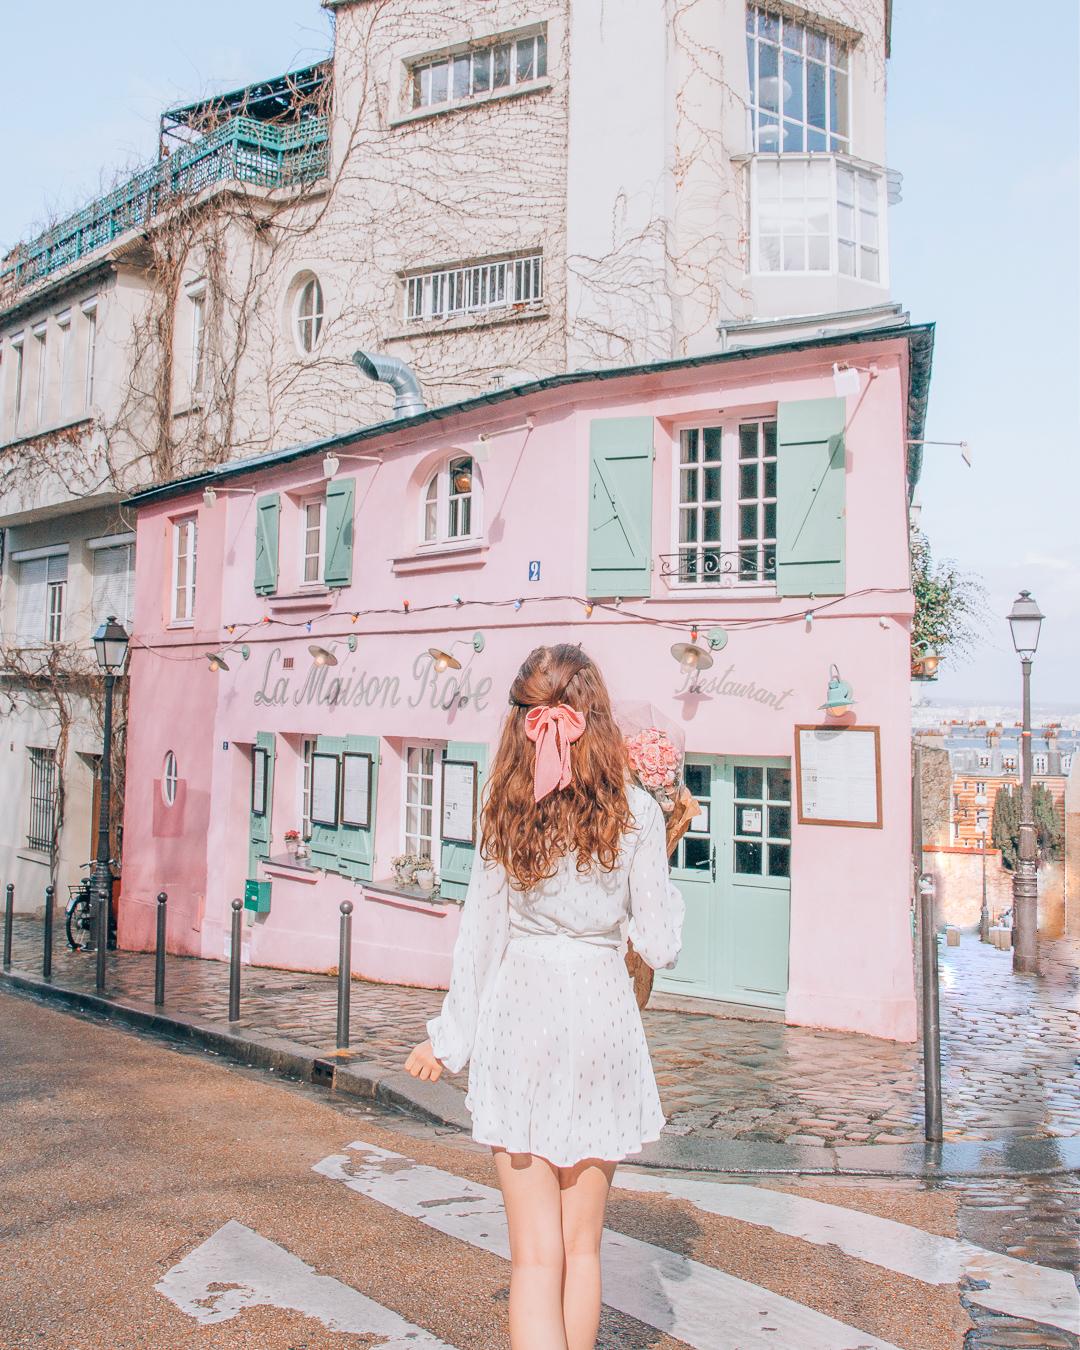 Building in Montmartre